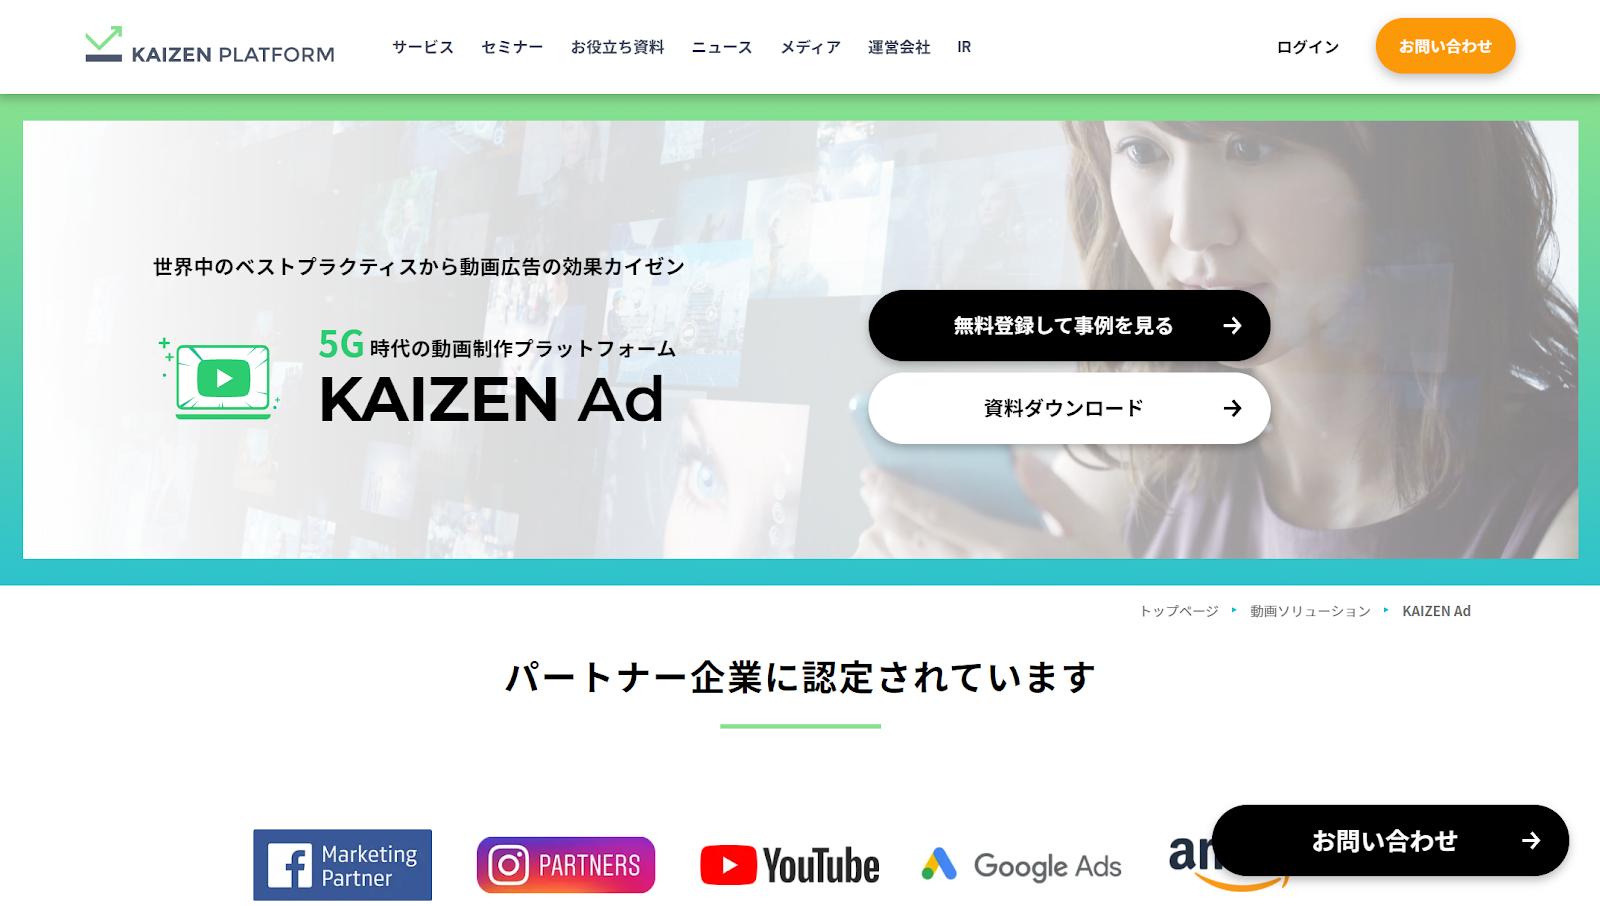 株式会社Kaizen Platform:スピーディーさと緻密な制作